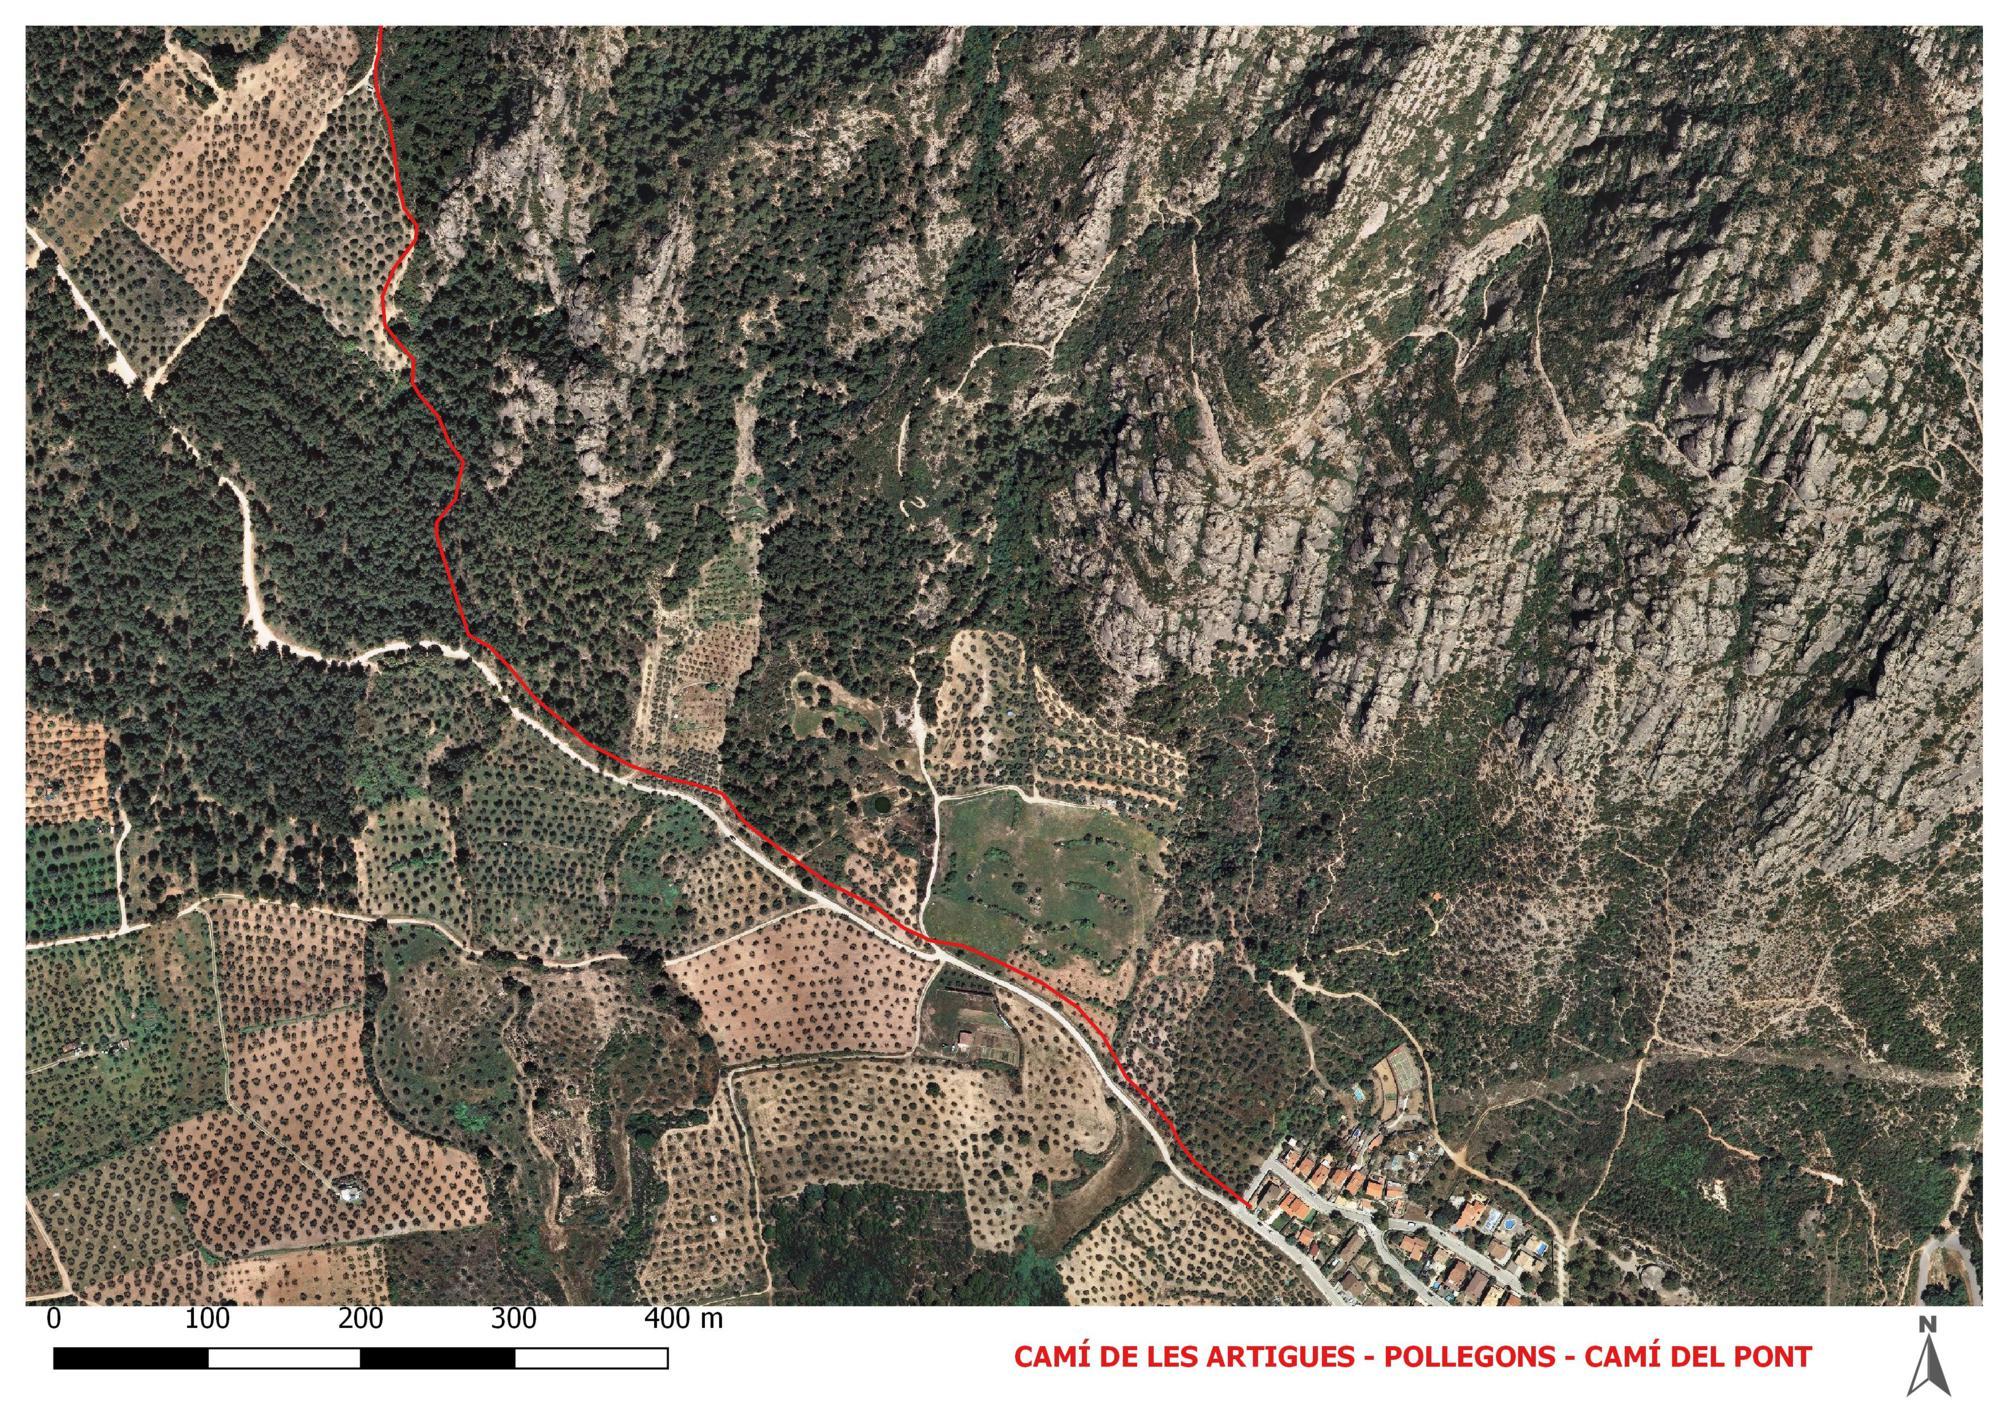 Cami Artigues - Cami del Pont 2 2000x1414